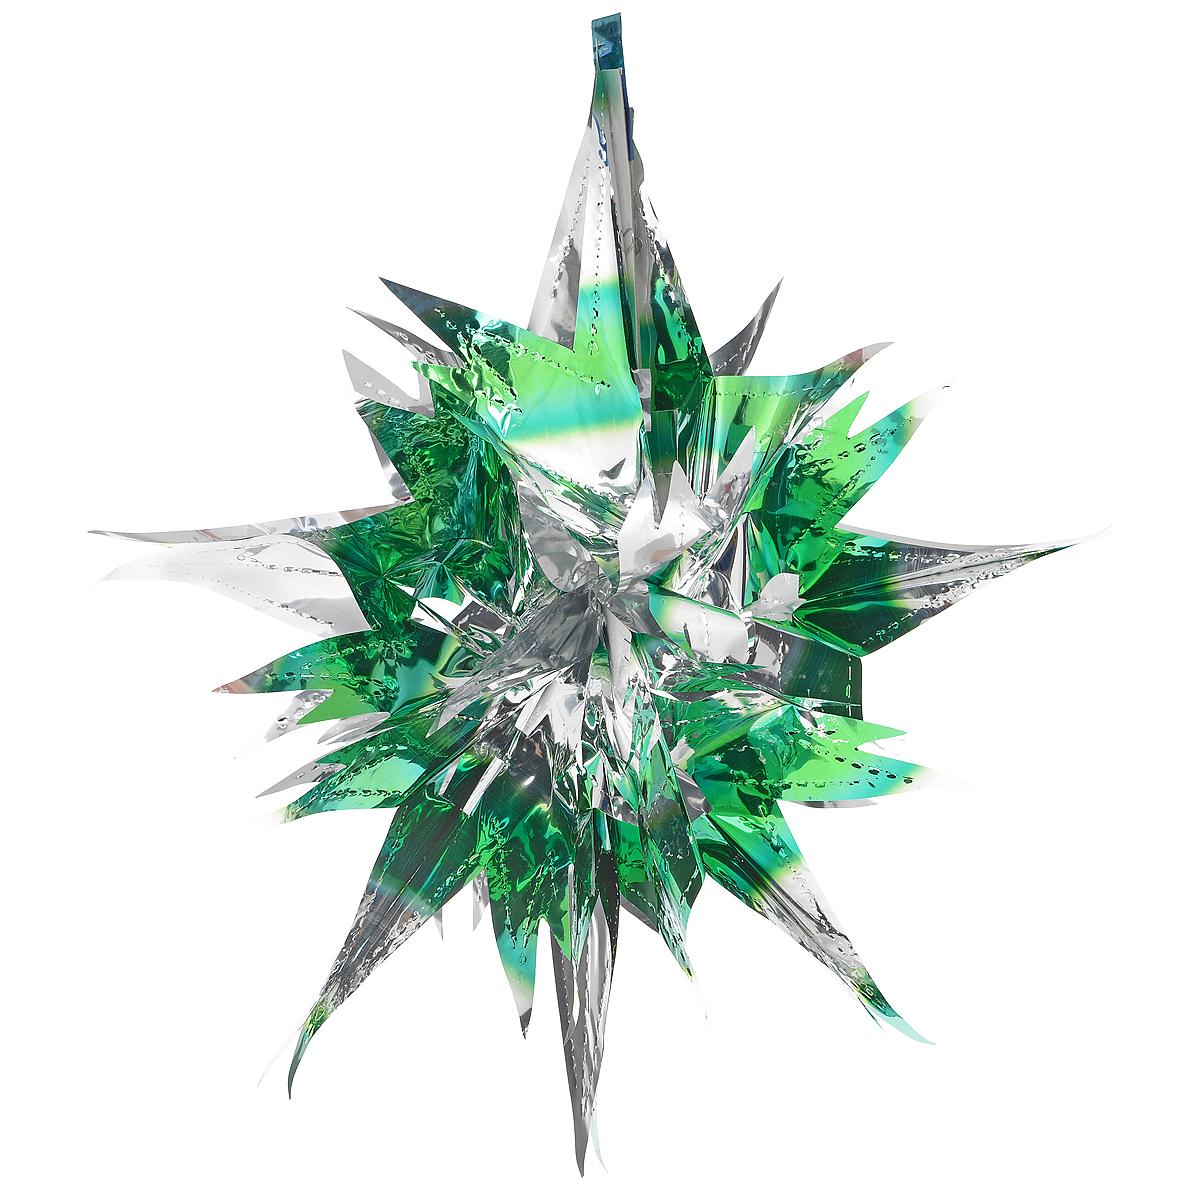 Новогоднее подвесное украшение Звезда, цвет: серебристый, зеленый. 2700927009Новогоднее украшение Звезда отлично подойдет для декорации вашего дома и новогодней ели. Украшение выполнено из ПВХ в форме многогранной многоцветной звезды. С помощью специальной петельки звезду можно повесить в любом понравившемся вам месте. Украшение легко складывается и раскладывается благодаря металлическим кольцам. Новогодние украшения несут в себе волшебство и красоту праздника. Они помогут вам украсить дом к предстоящим праздникам и оживить интерьер по вашему вкусу. Создайте в доме атмосферу тепла, веселья и радости, украшая его всей семьей. Коллекция декоративных украшений из серии Magic Time принесет в ваш дом ни с чем не сравнимое ощущение волшебства!Размер украшения (в сложенном виде): 25 см х 21,5 см.